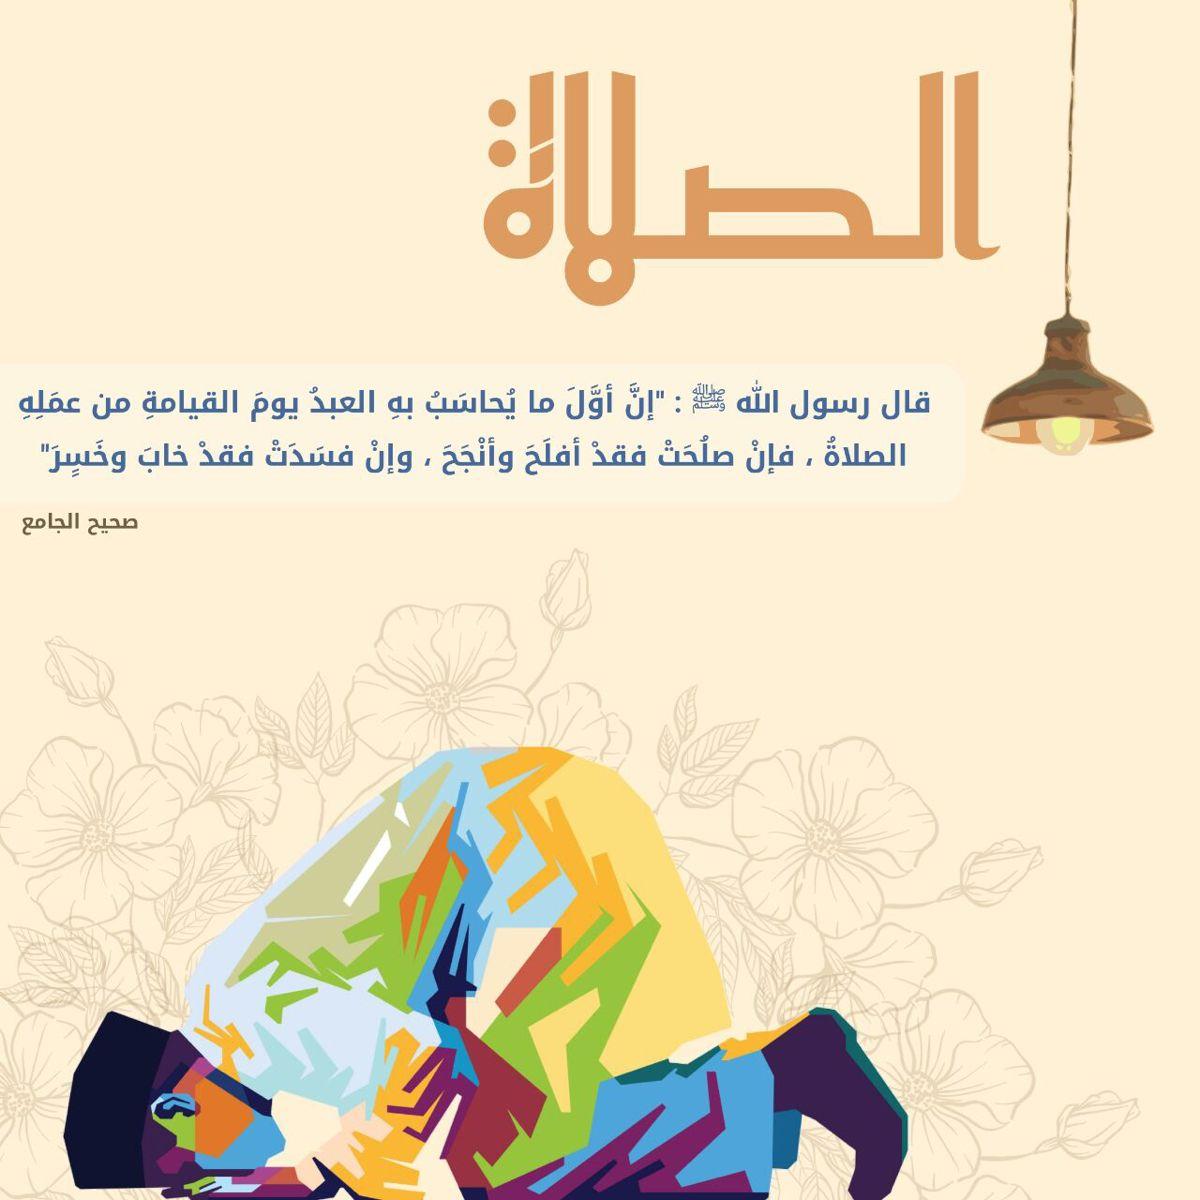 أول ما ت حاسب عليه فهل منزلة الصلاة عندك كمنزلتها عند الله ﷻ Movie Posters Poster Jig